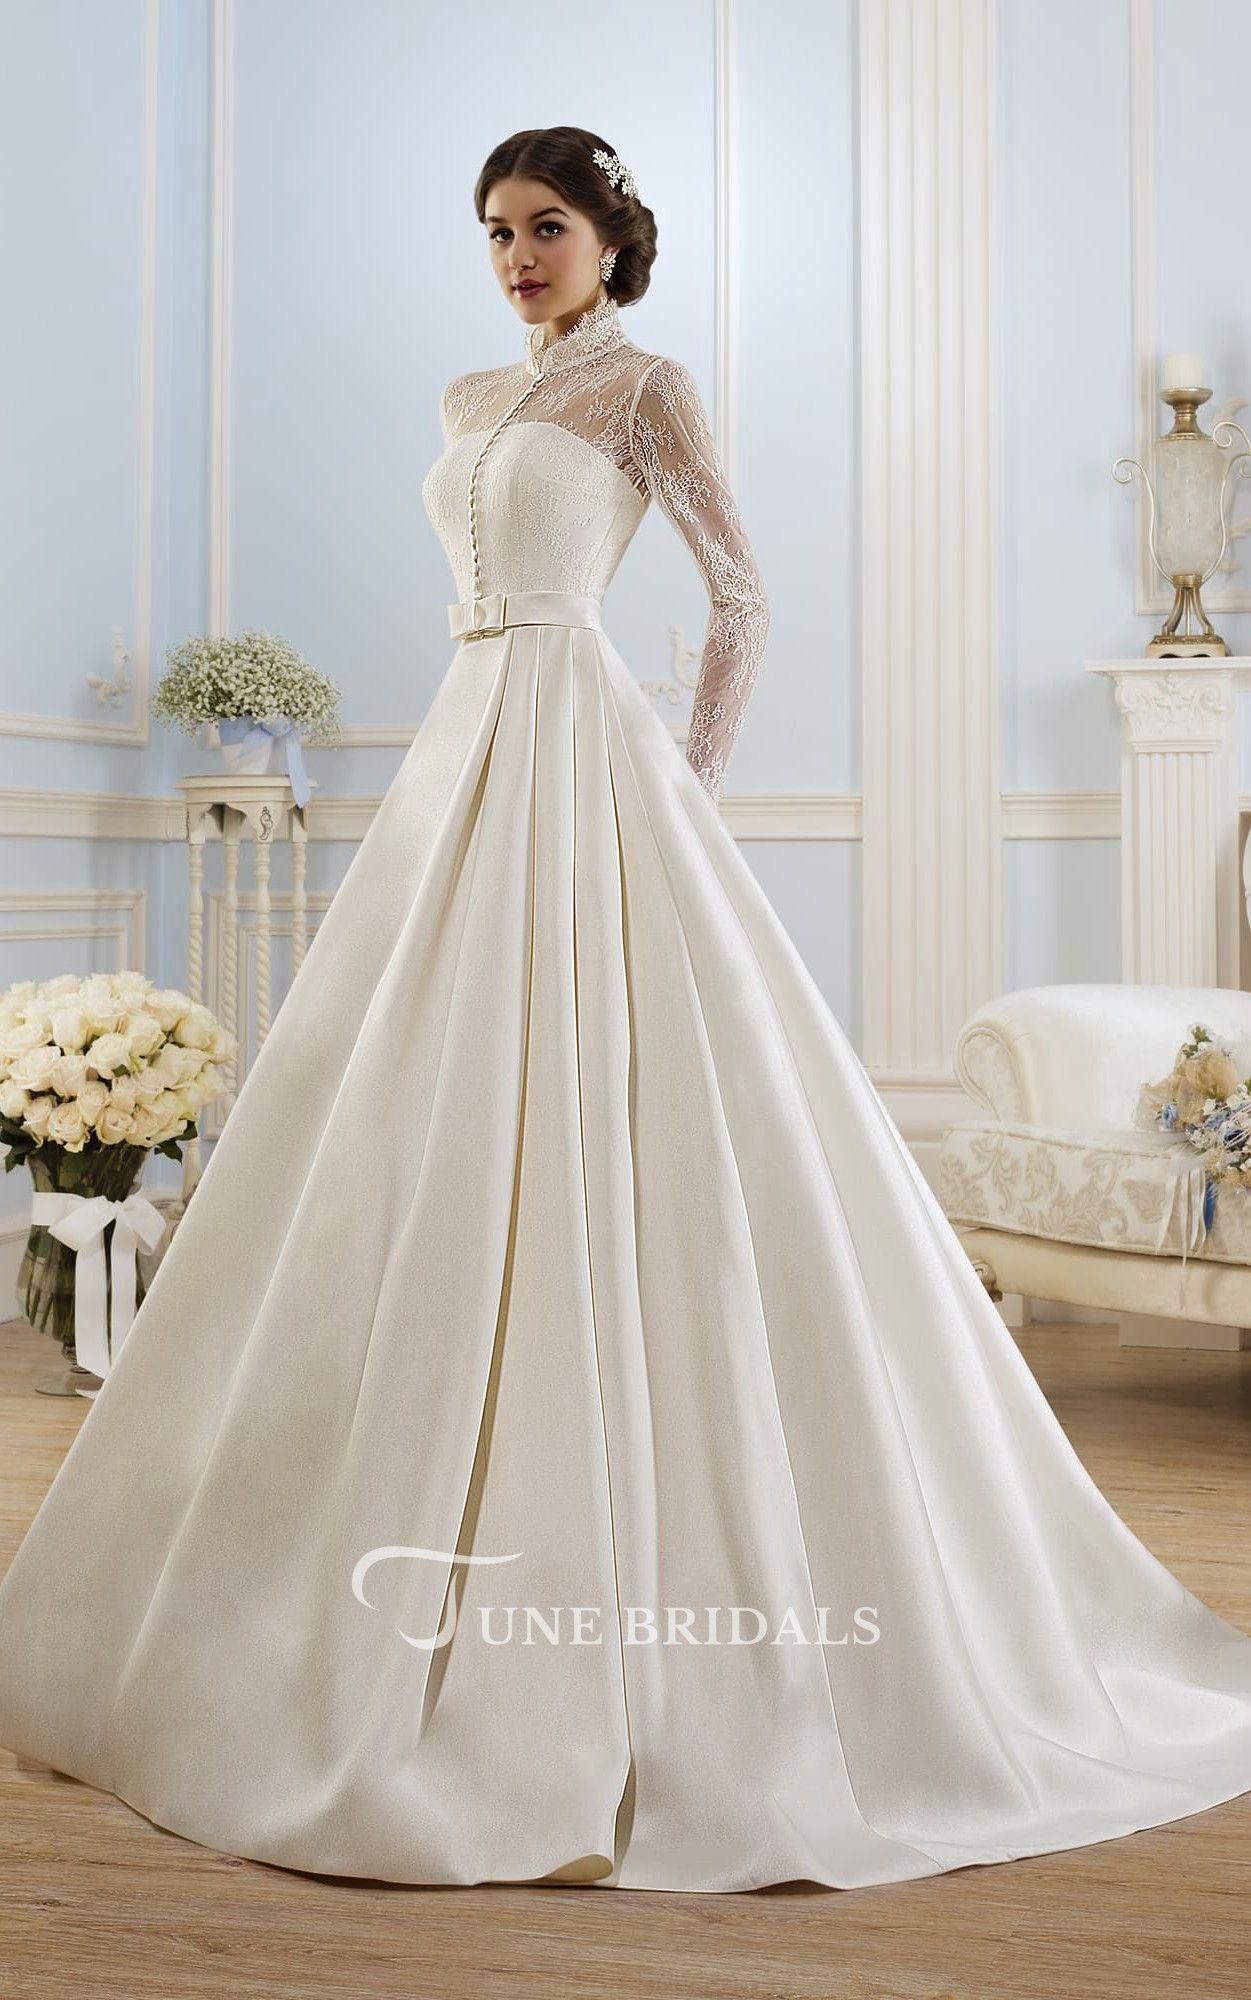 Balón Vestido Largo De Cuello Alto De Manga Larga Ilusión Vestido De Satén Con Encaje Modest Wedding Dresses Ball Gowns Wedding Wedding Dresses Satin